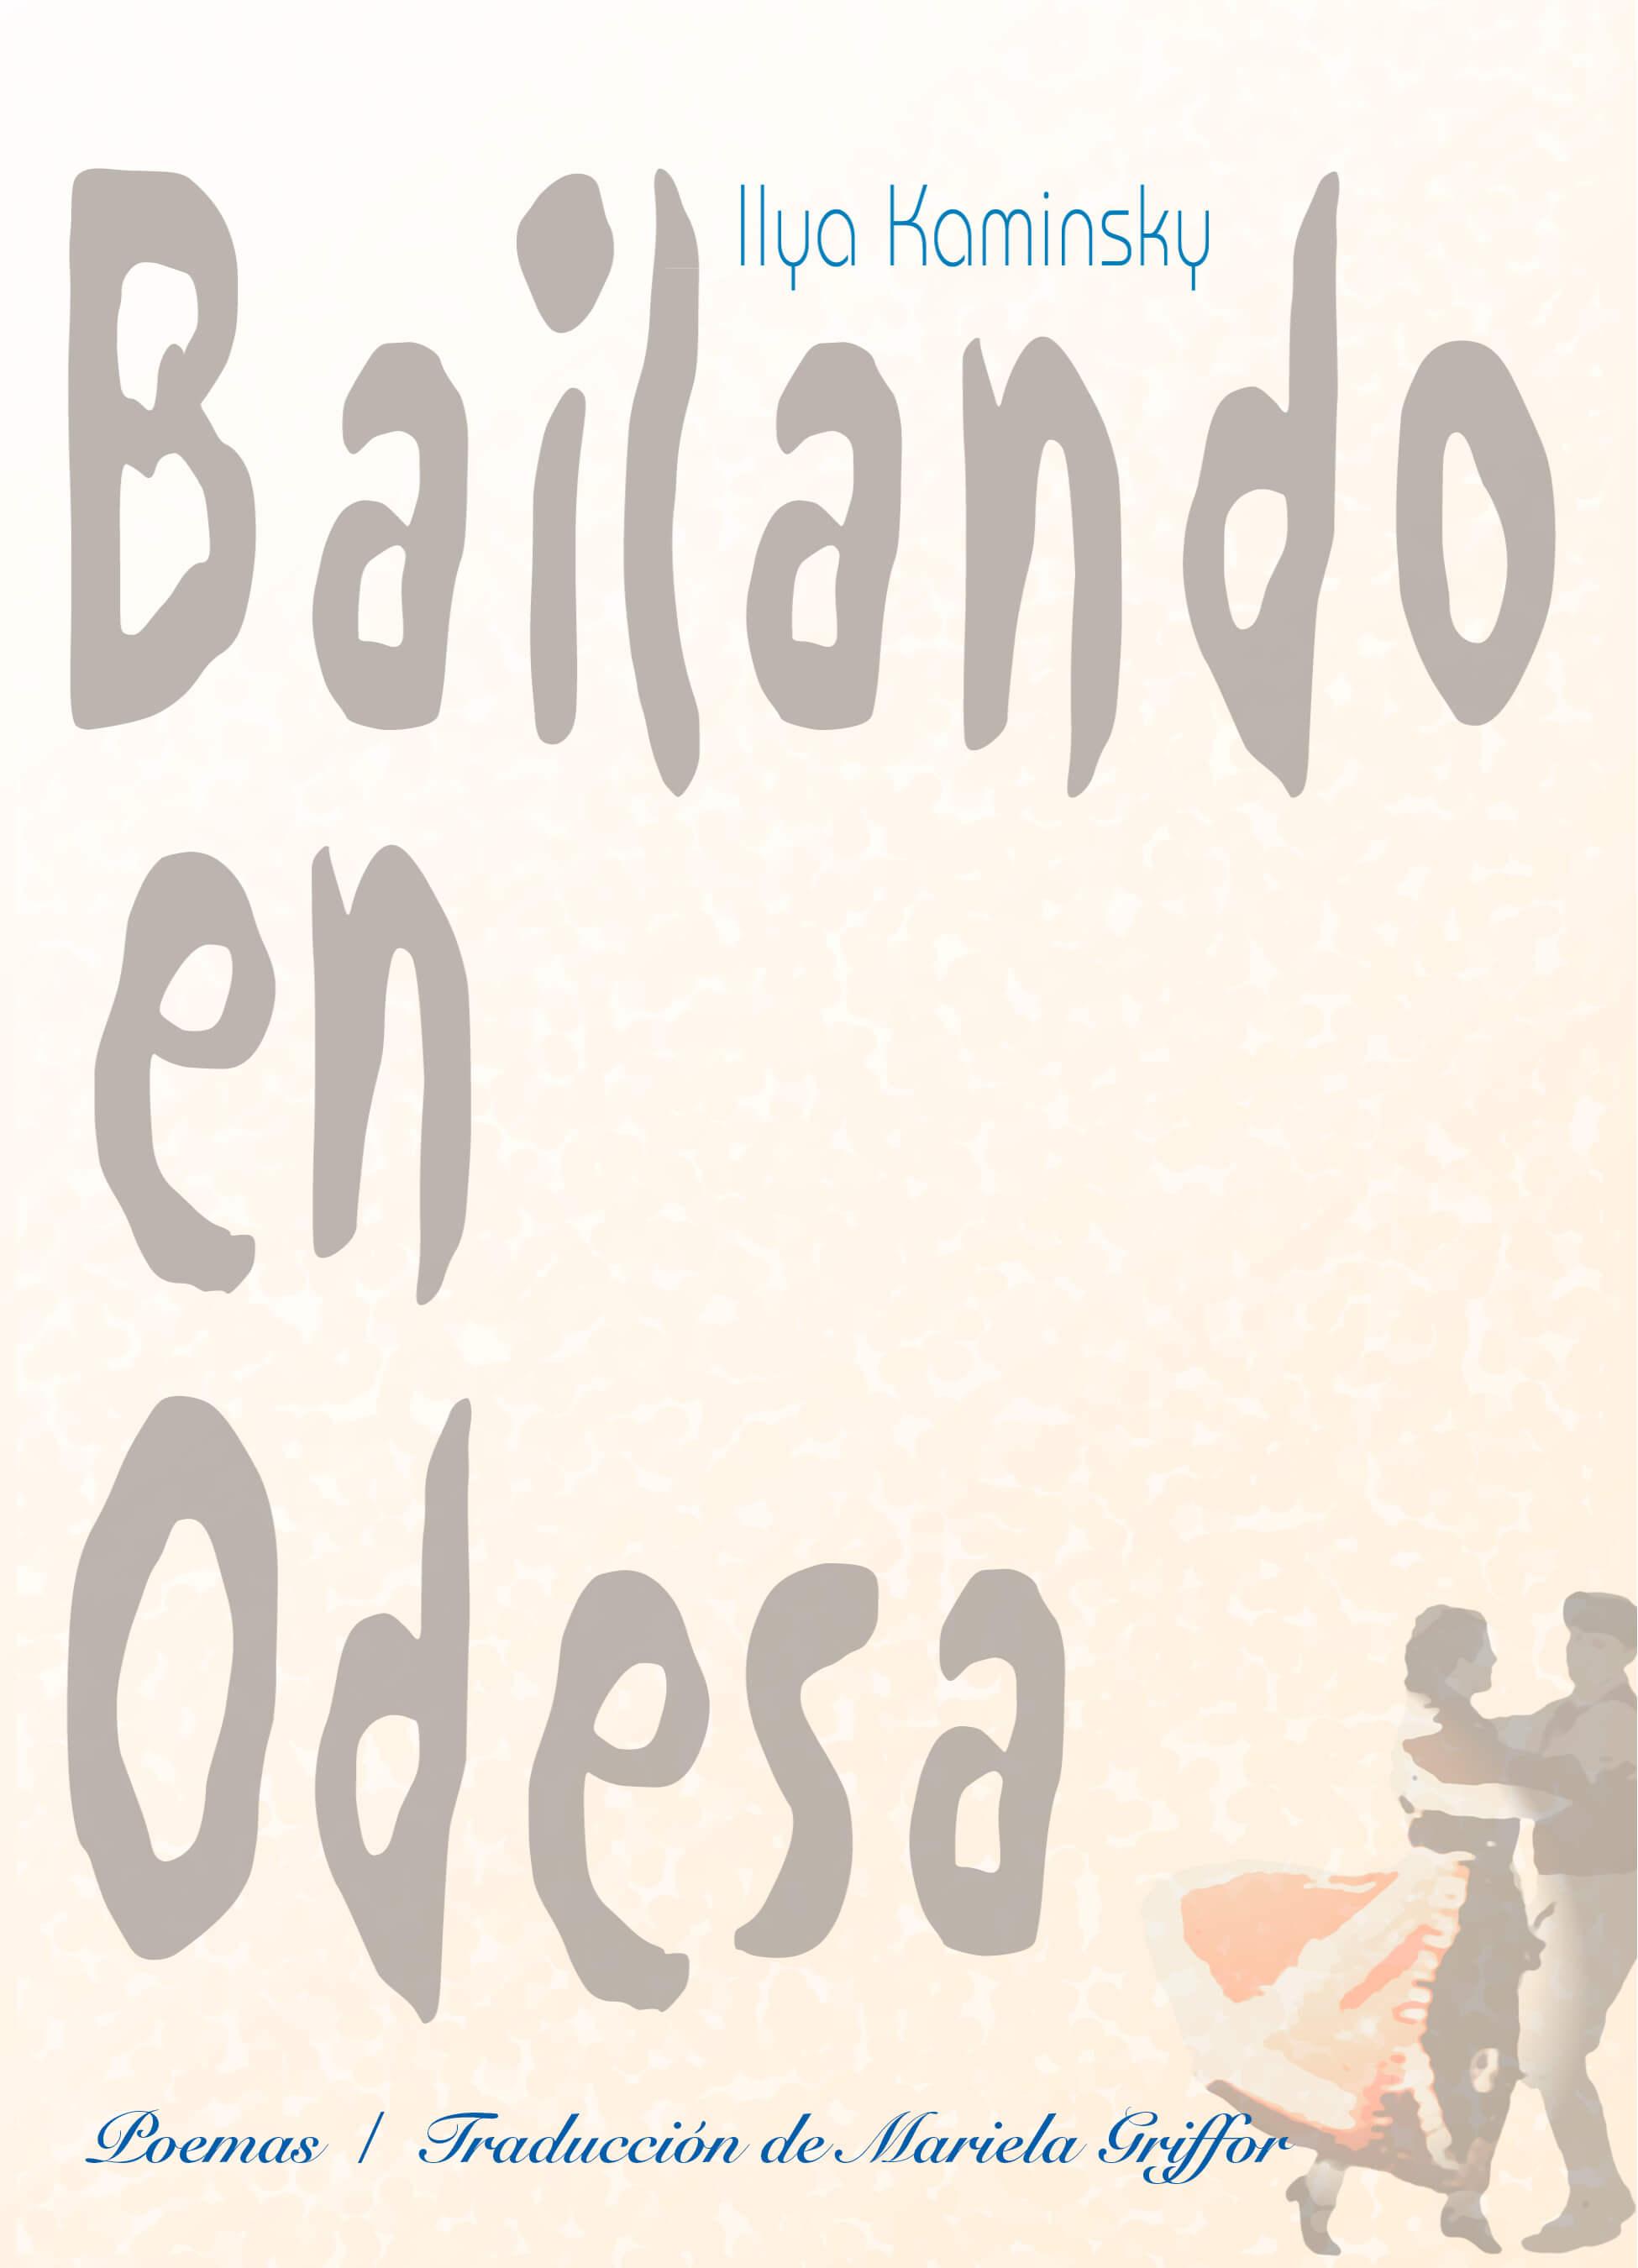 BailandoOdesa-cover_catalog